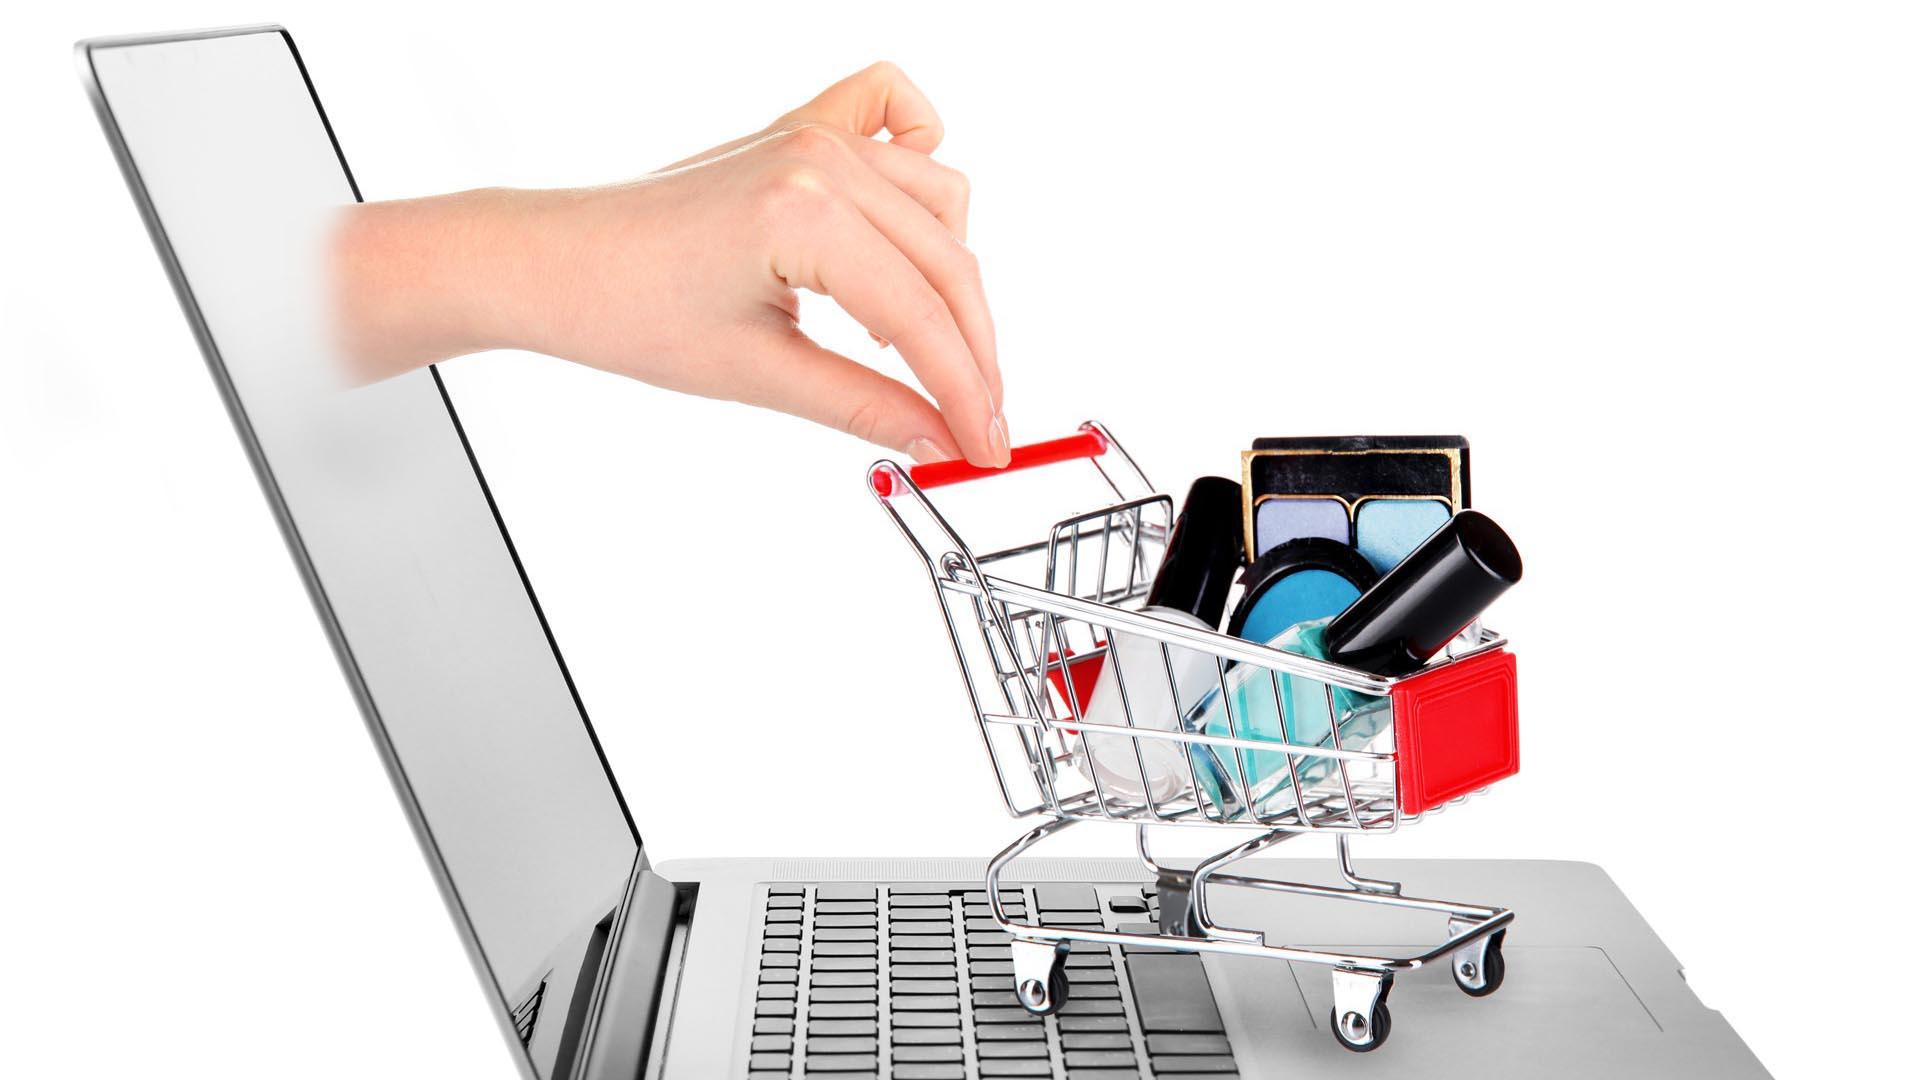 E-commerce: ¿Cuáles son los productos de belleza que más compramos online?  - Infobae